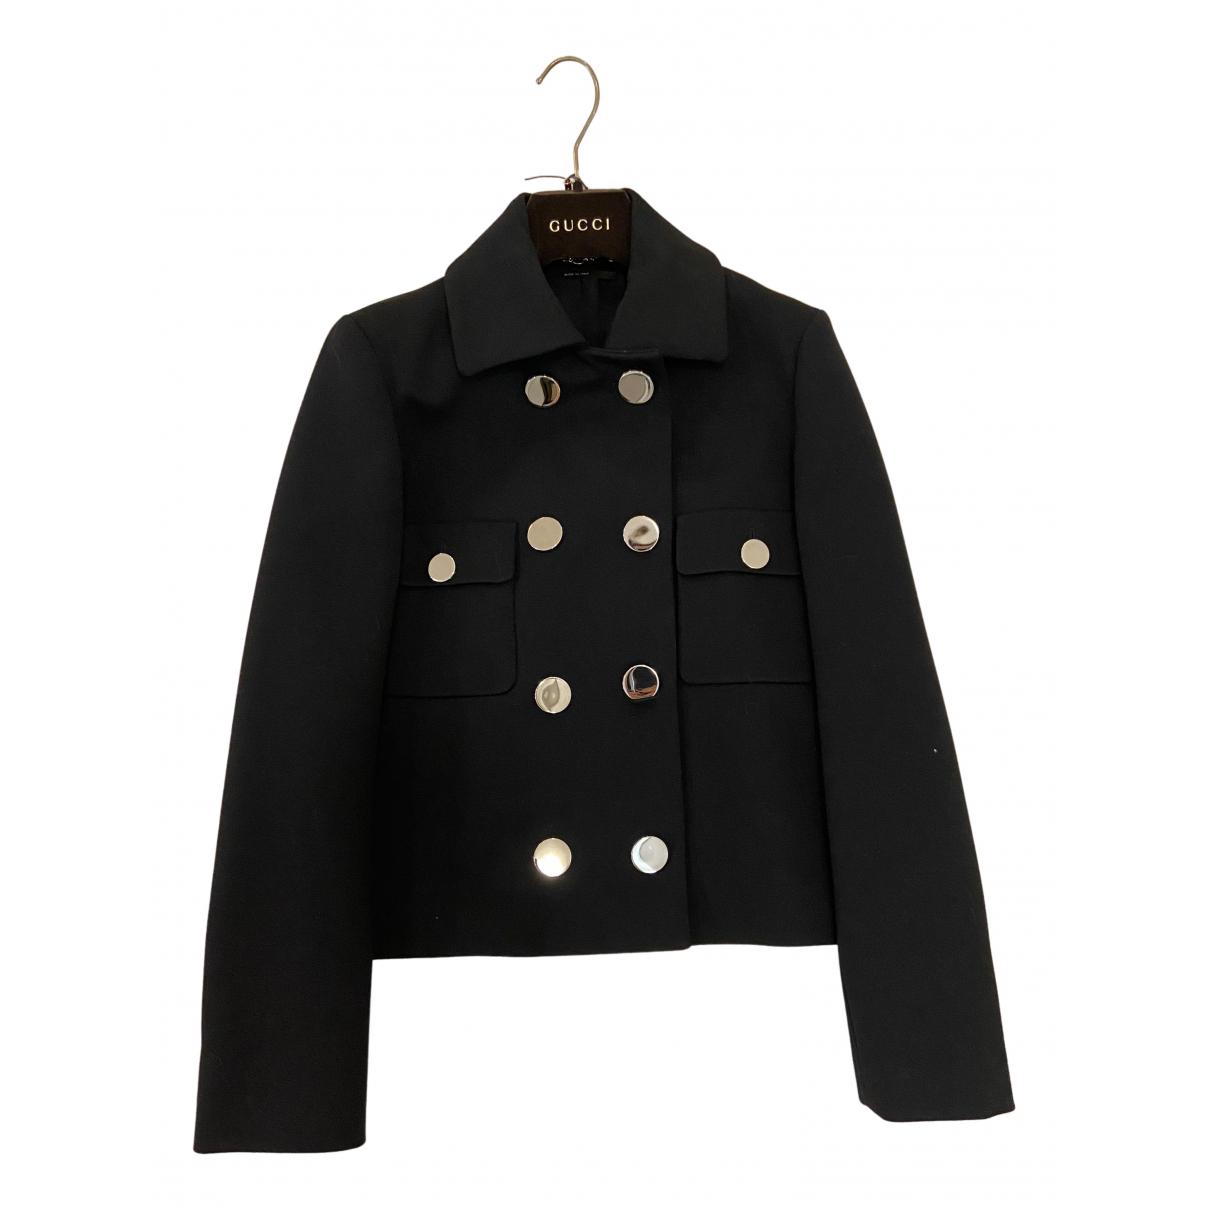 Gucci \N Black jacket for Women 40 IT